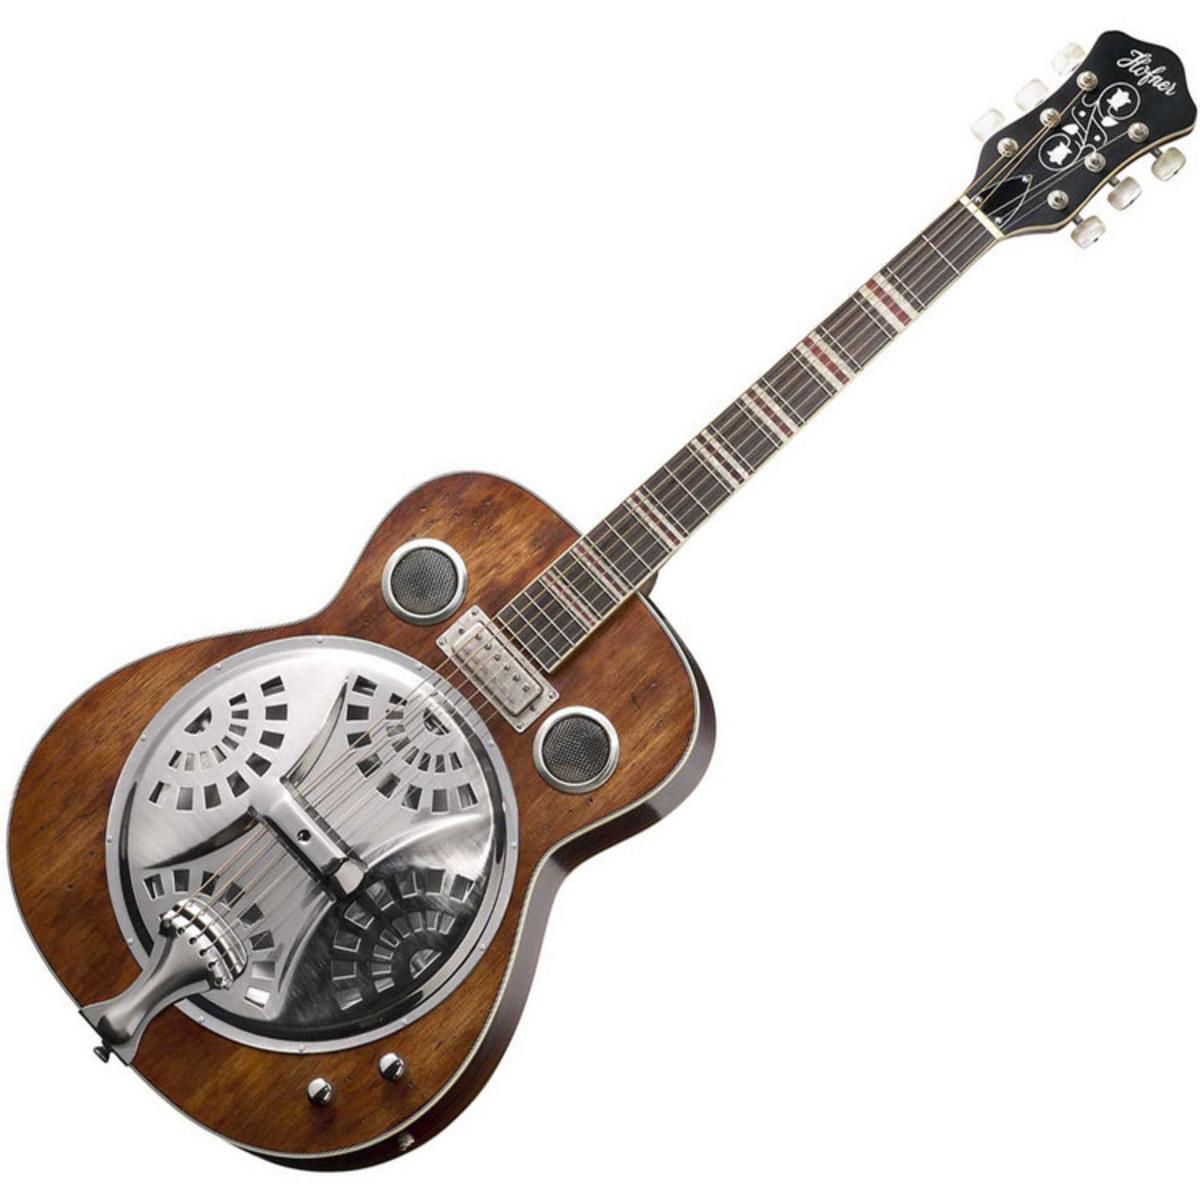 disc hofner hct resonator guitar vintage natural at. Black Bedroom Furniture Sets. Home Design Ideas